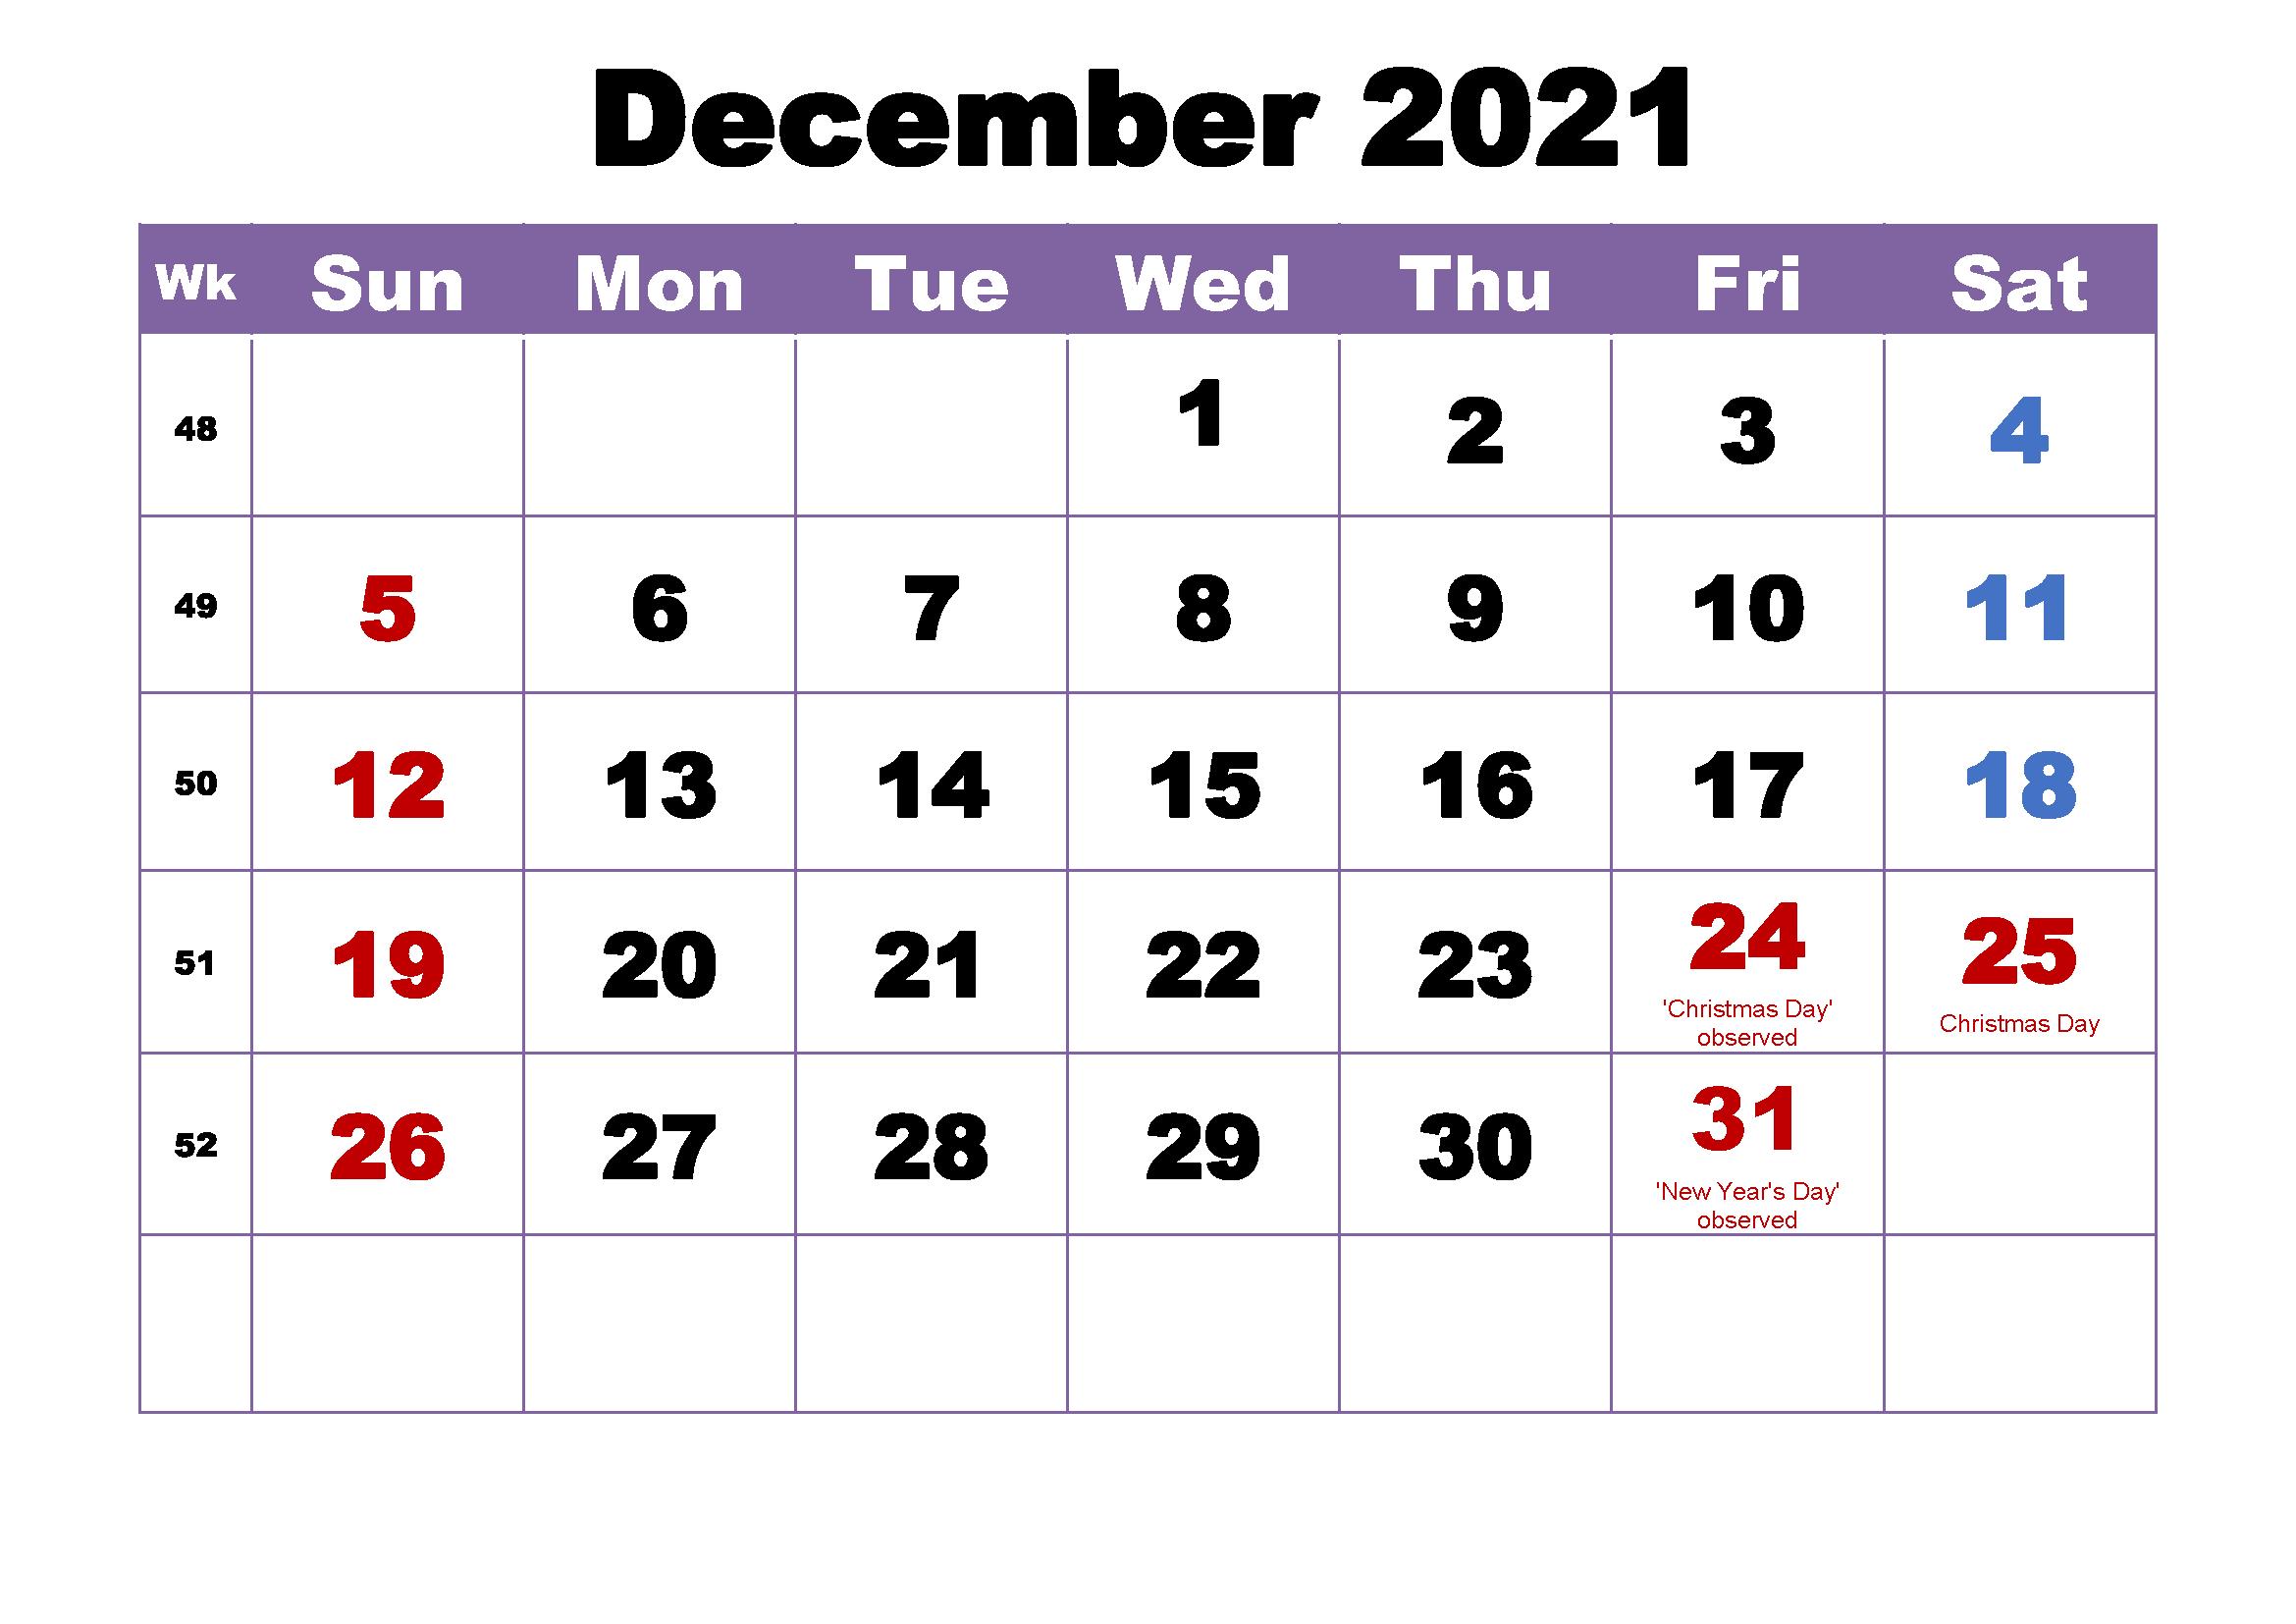 December 2021 Calendar Printable Reddit Reminder